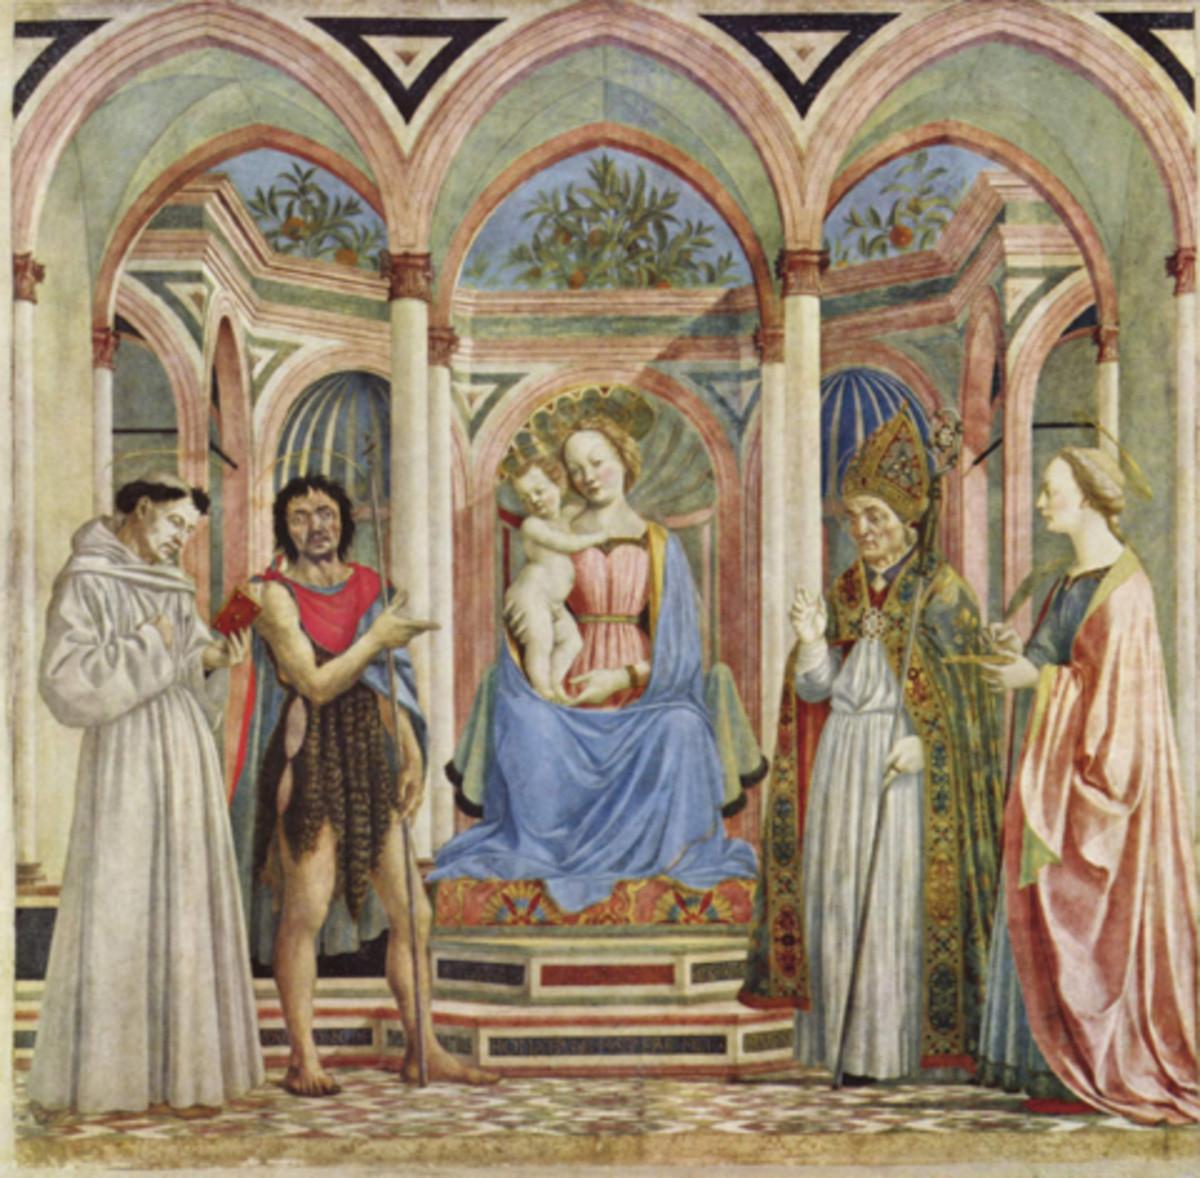 Domenico Veneziano, Pala s Santa Lucia de' Magnoli (1445), Florence Galleria degli Uffizi